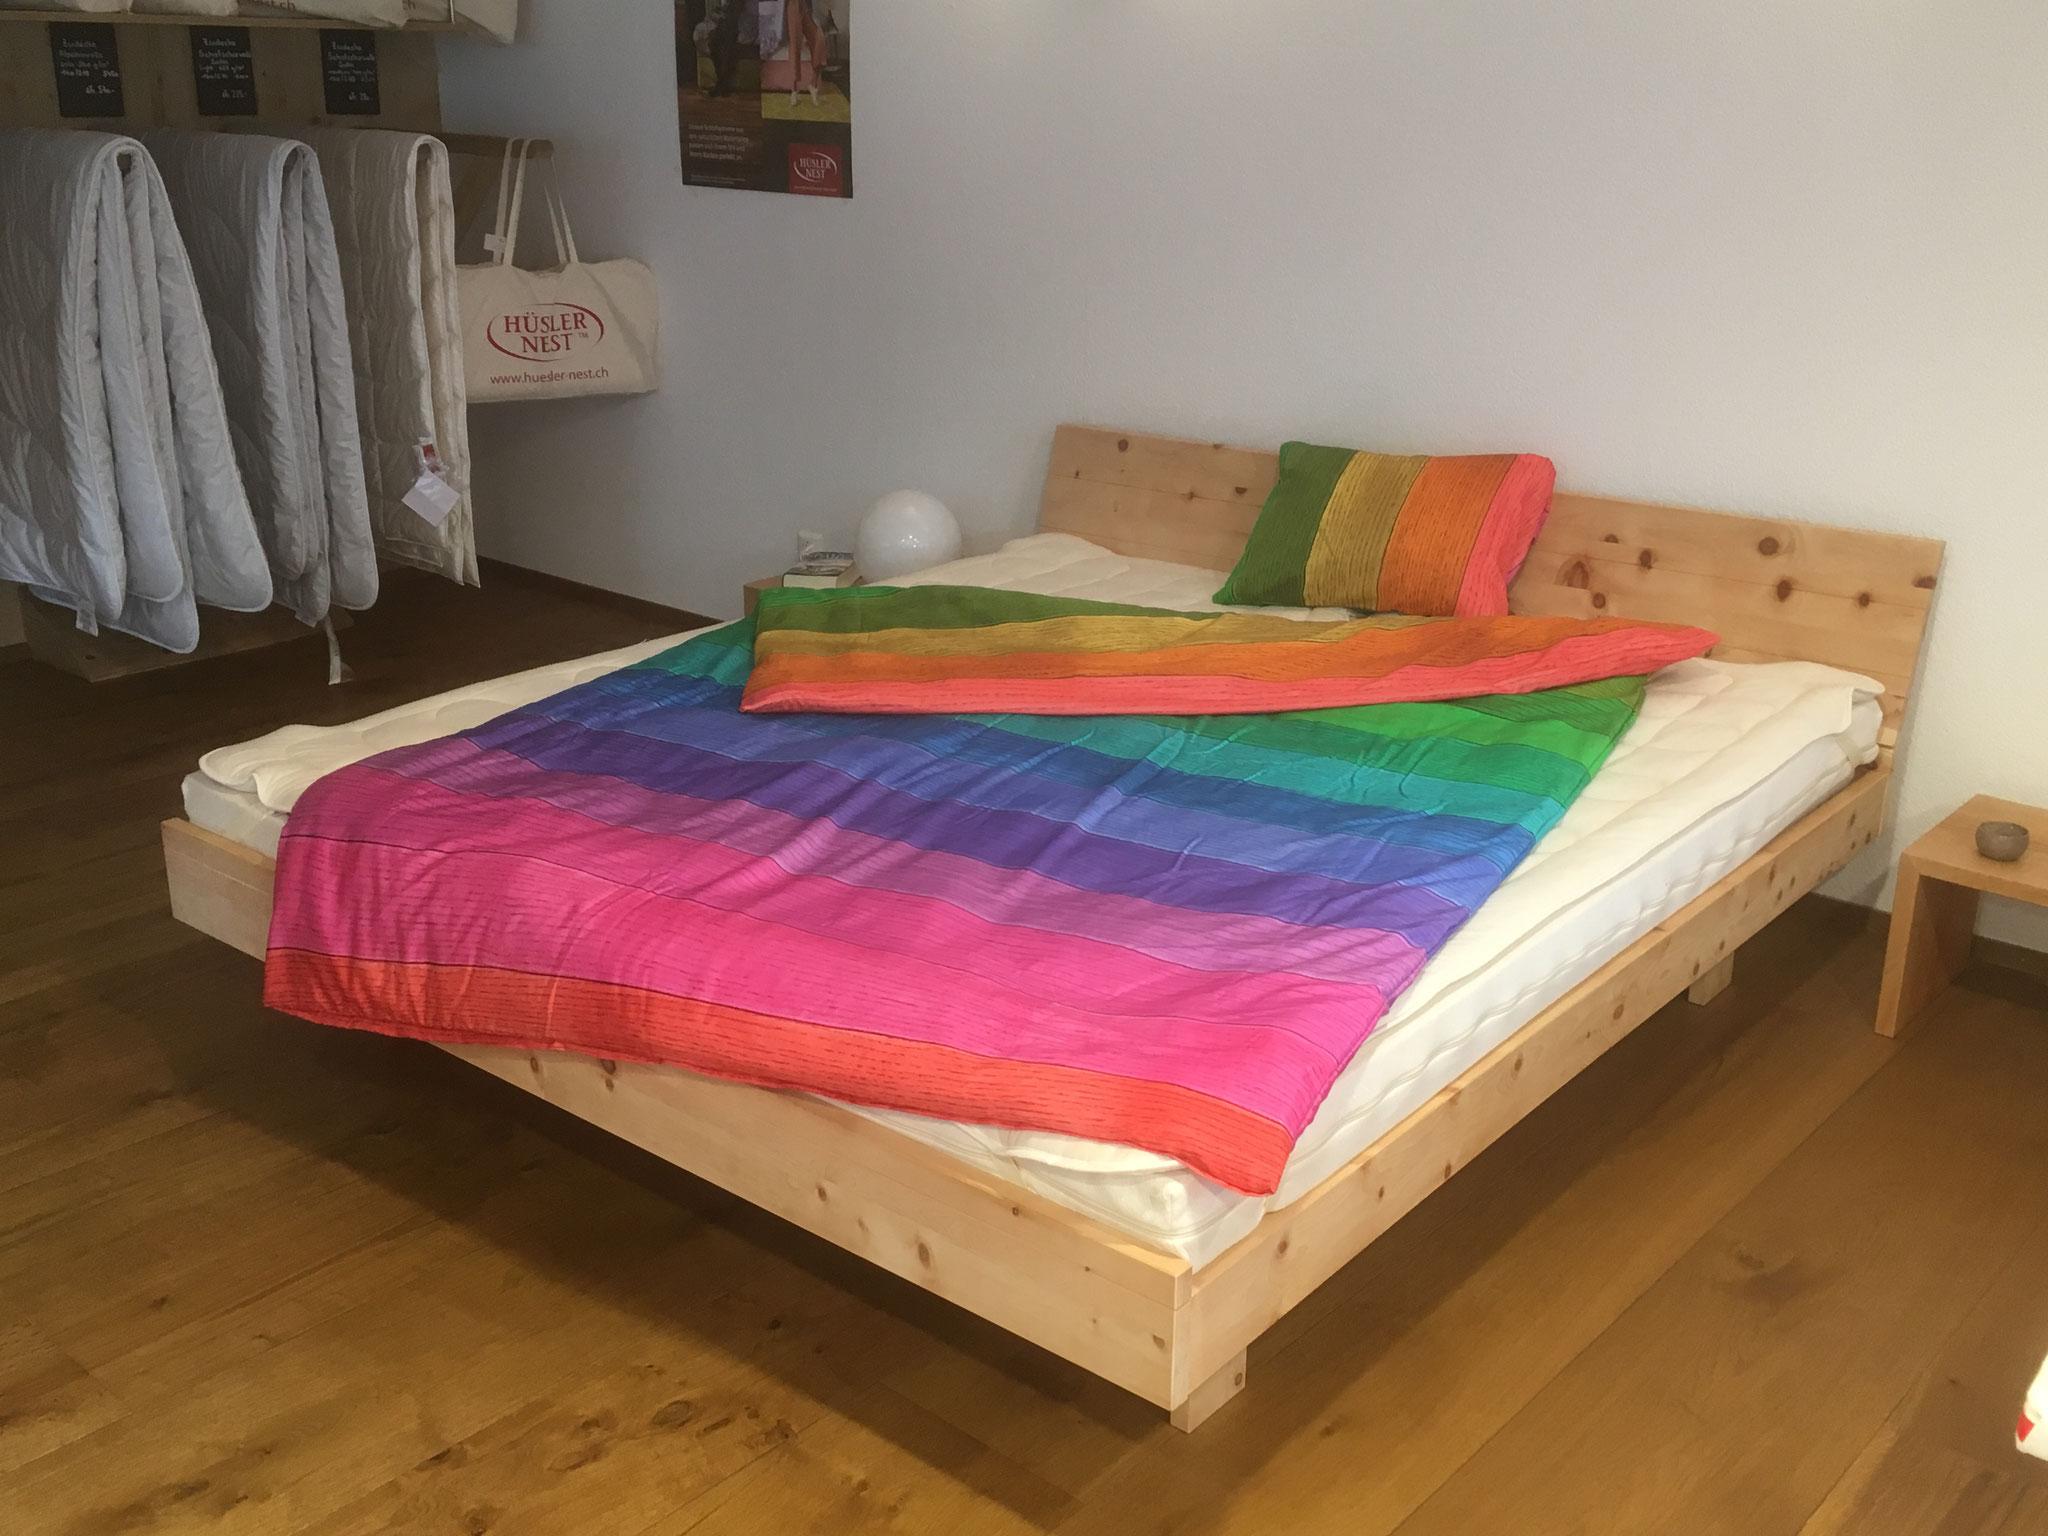 Arven Holzbett aus der Kollektion von Hüsler Nest